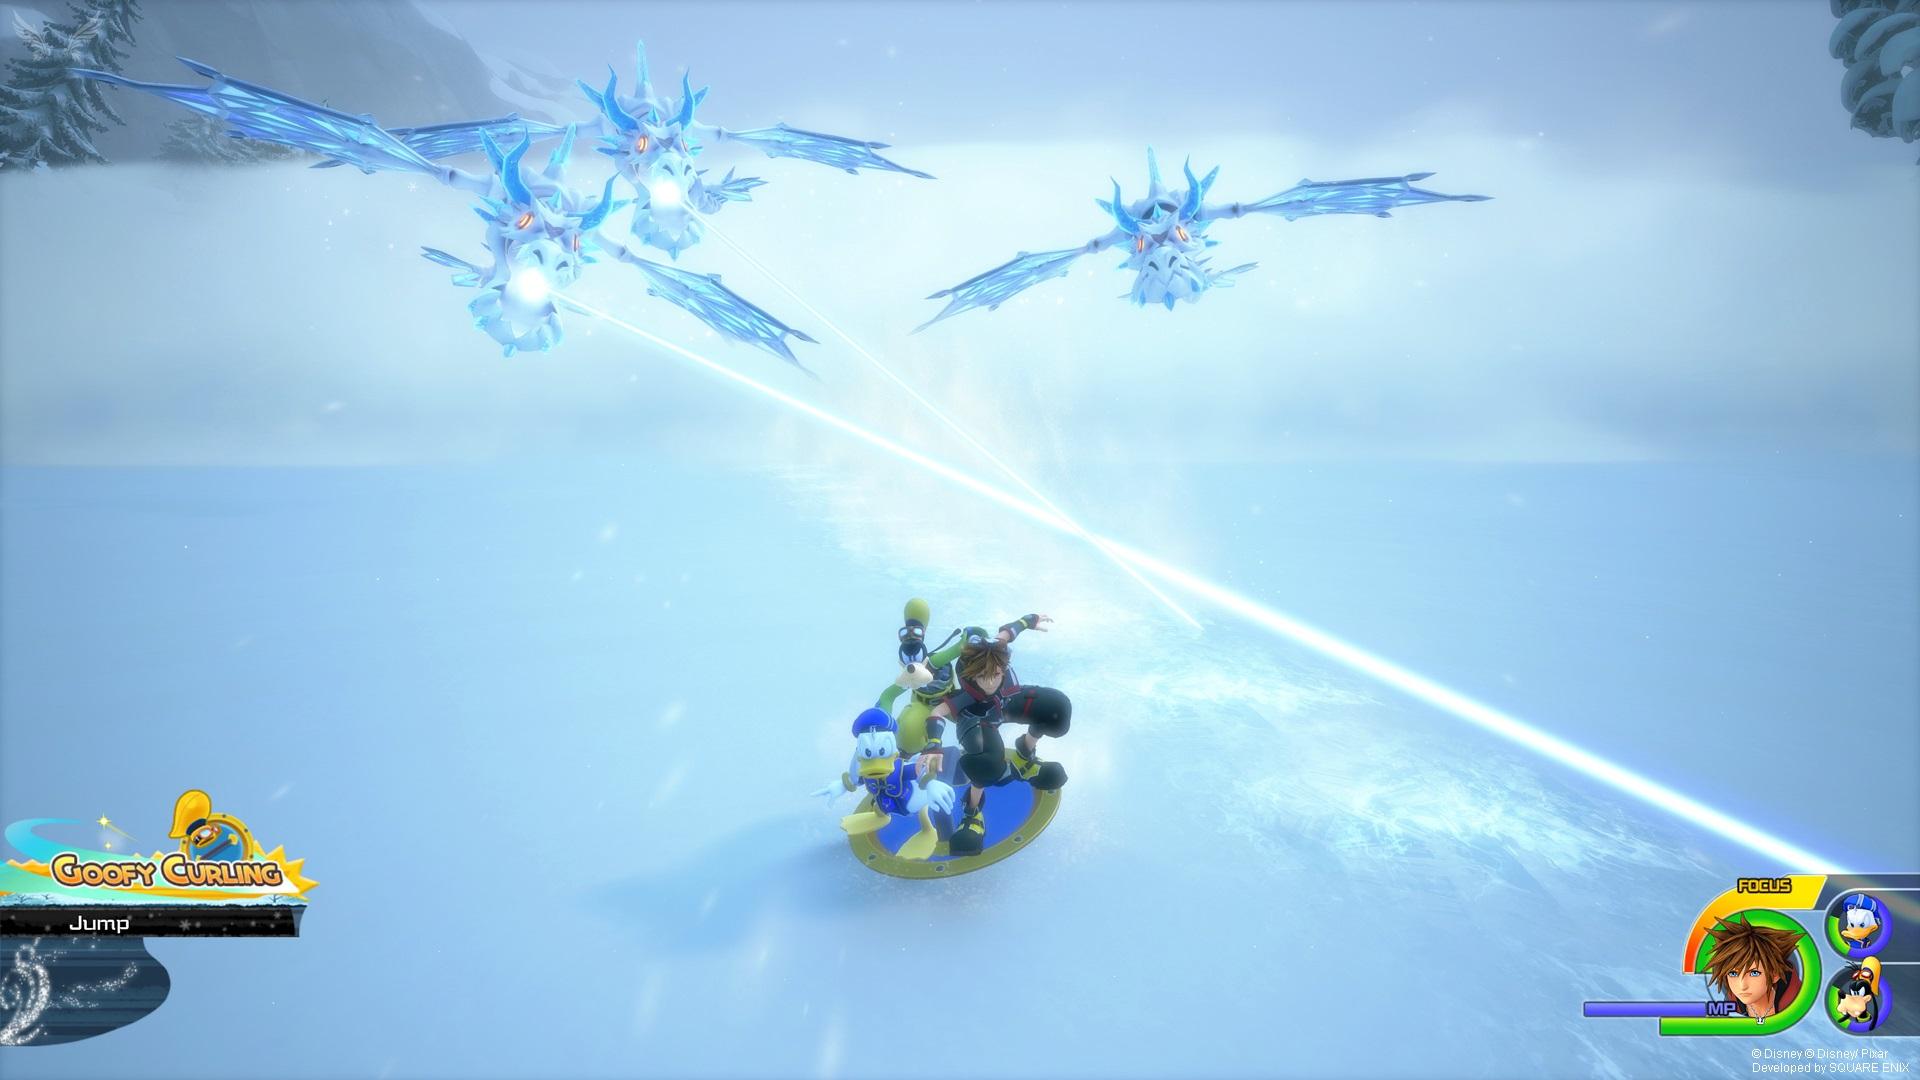 [TGS 2018] Kingdom Hearts III: mostrato il gameplay dei mondi di Toy Story e Frozen!